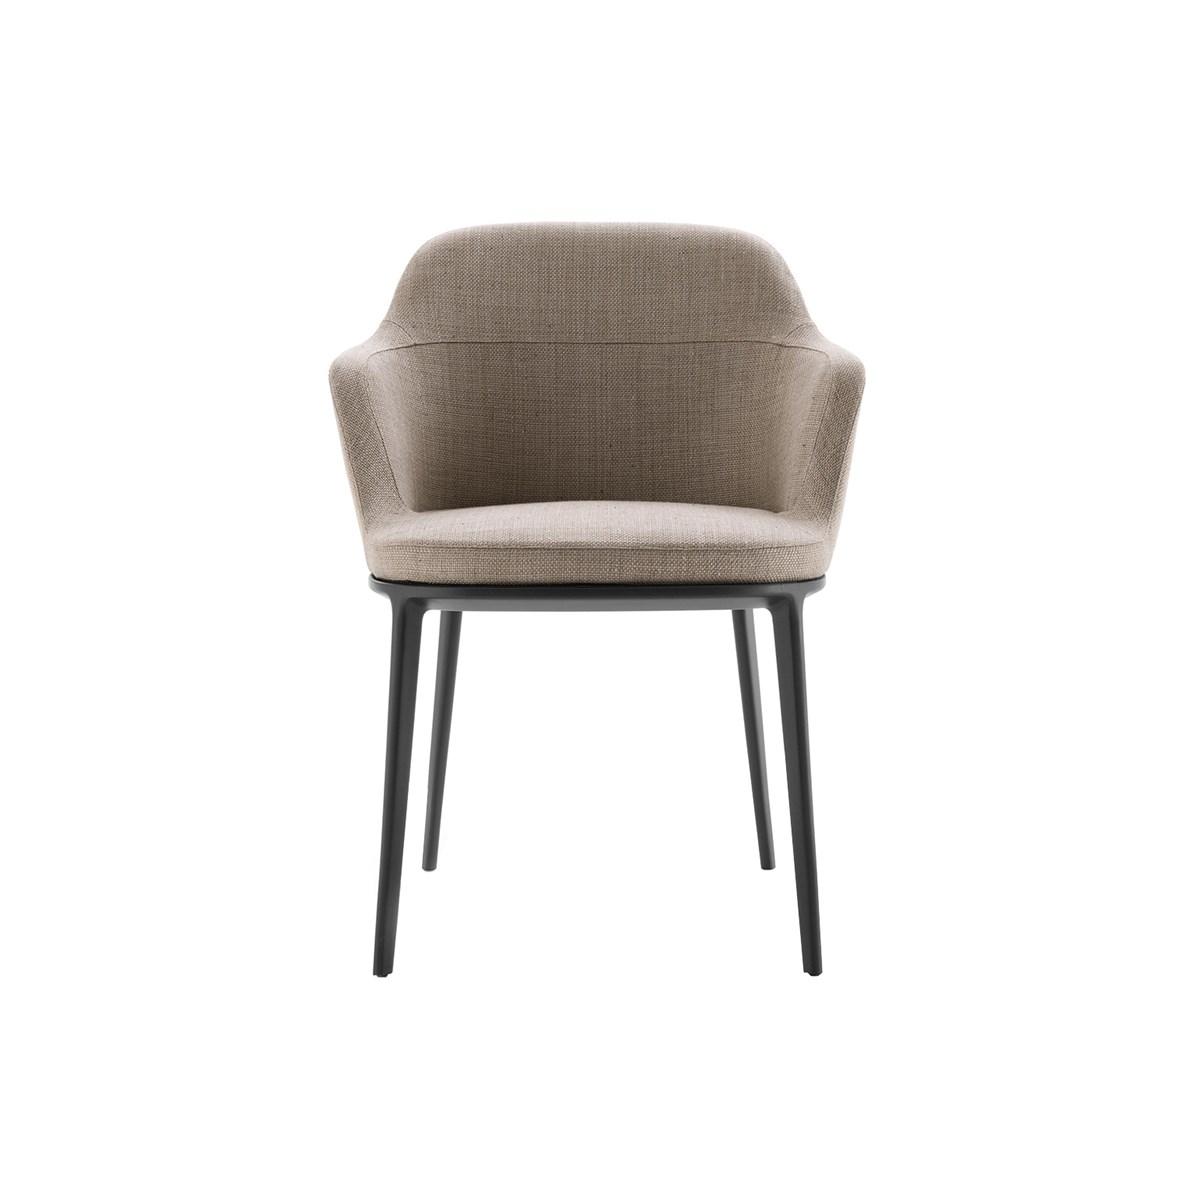 Maxalto-Antonio-Citterio-Caratos-Chair-Matisse-1